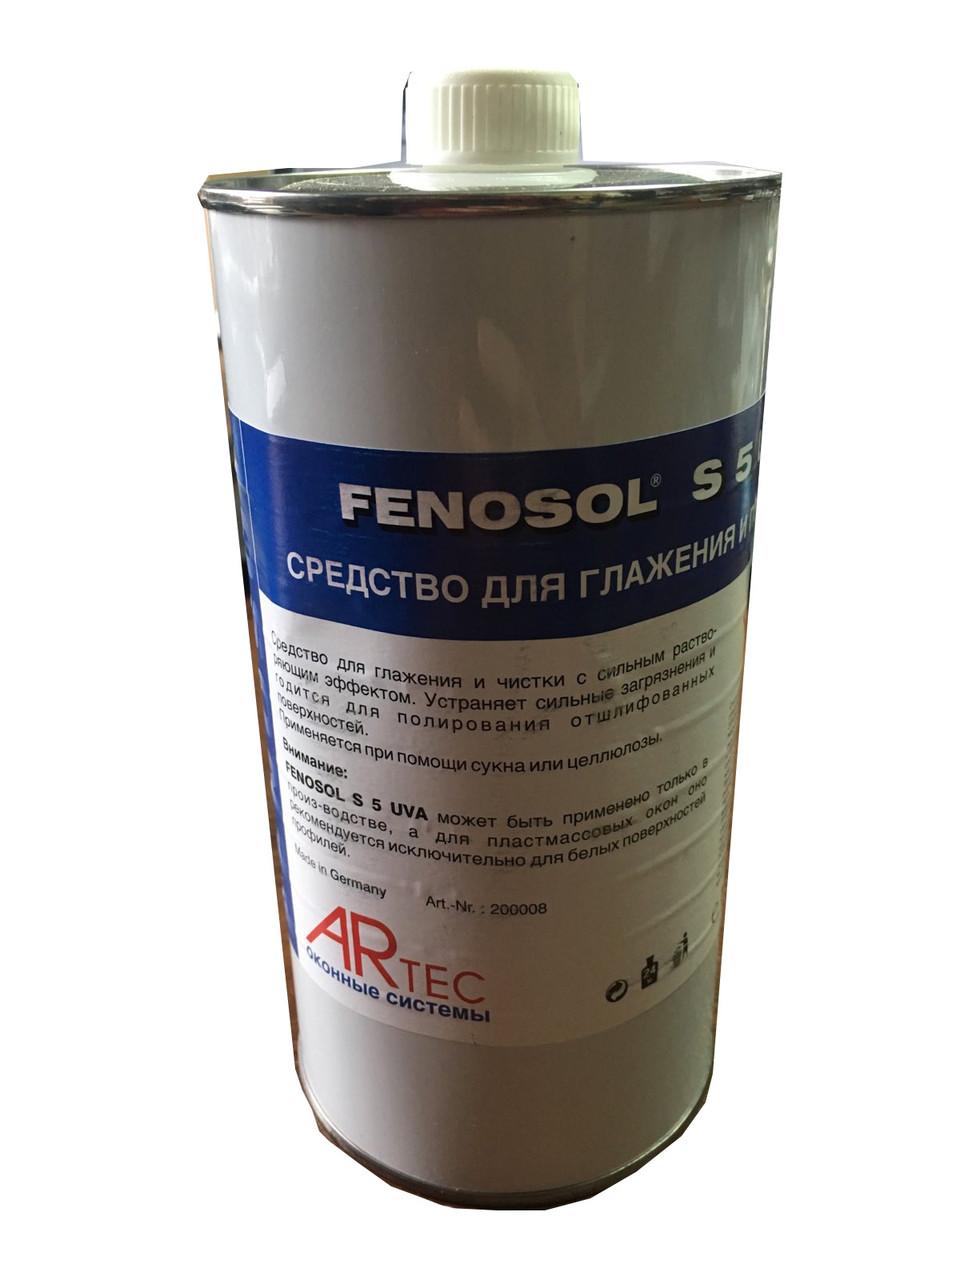 Очиститель профиля металлопластиковых ПВХ окон Феносол 5 для глубоких царапин и потертостей